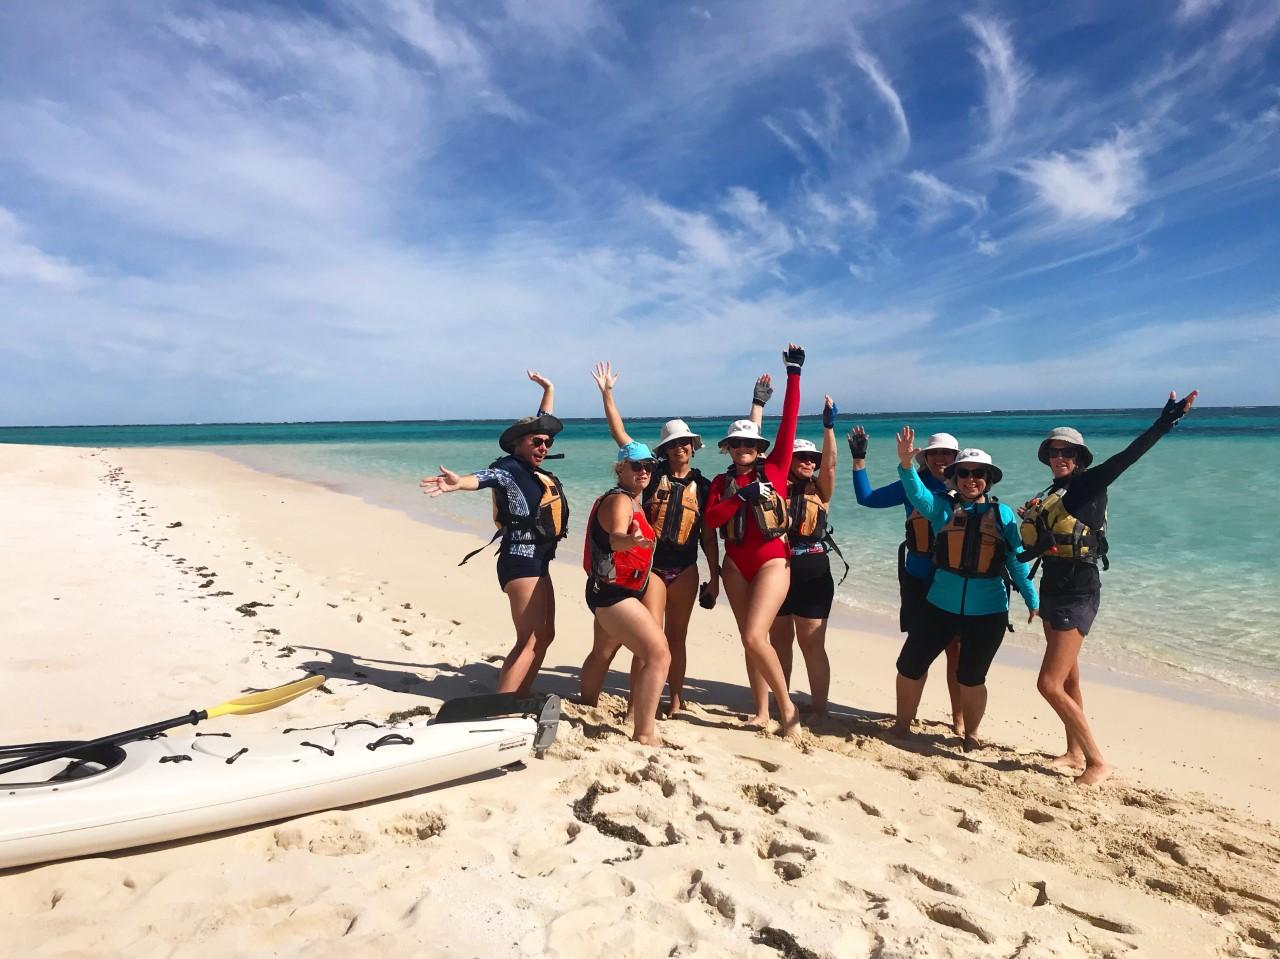 Beach stop at Ningaloo Reef